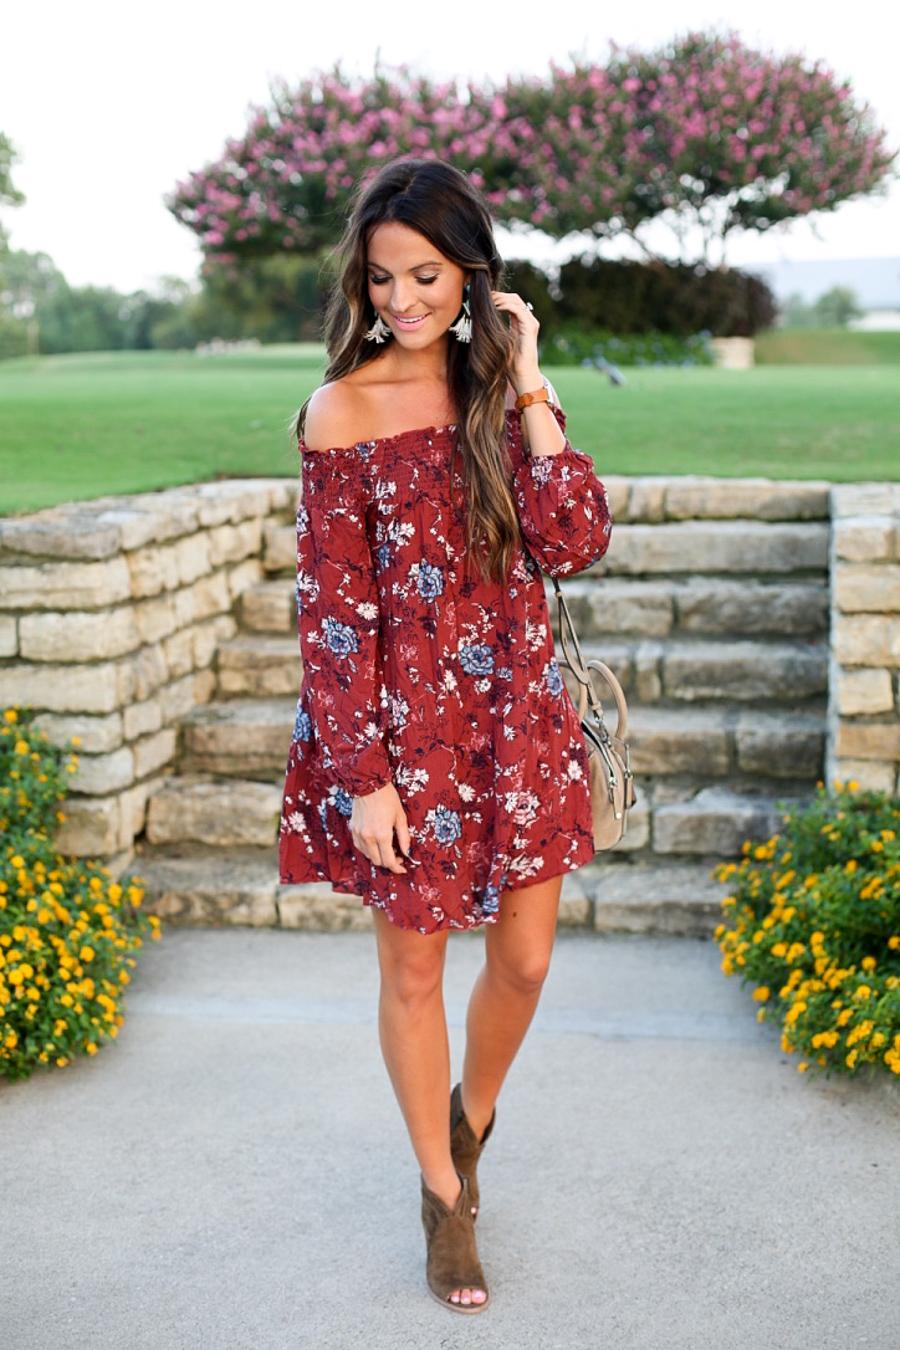 floral off the shoulder dress (under $50!)